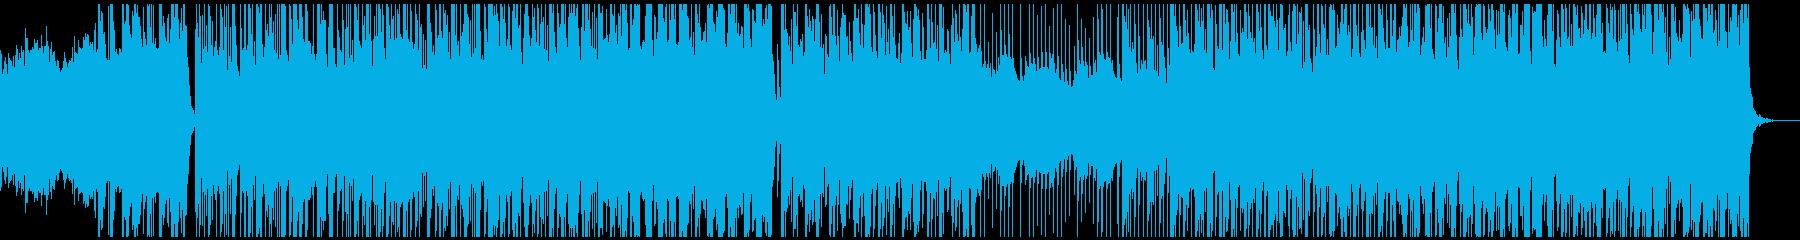 津軽三味線×ケルト音楽の再生済みの波形